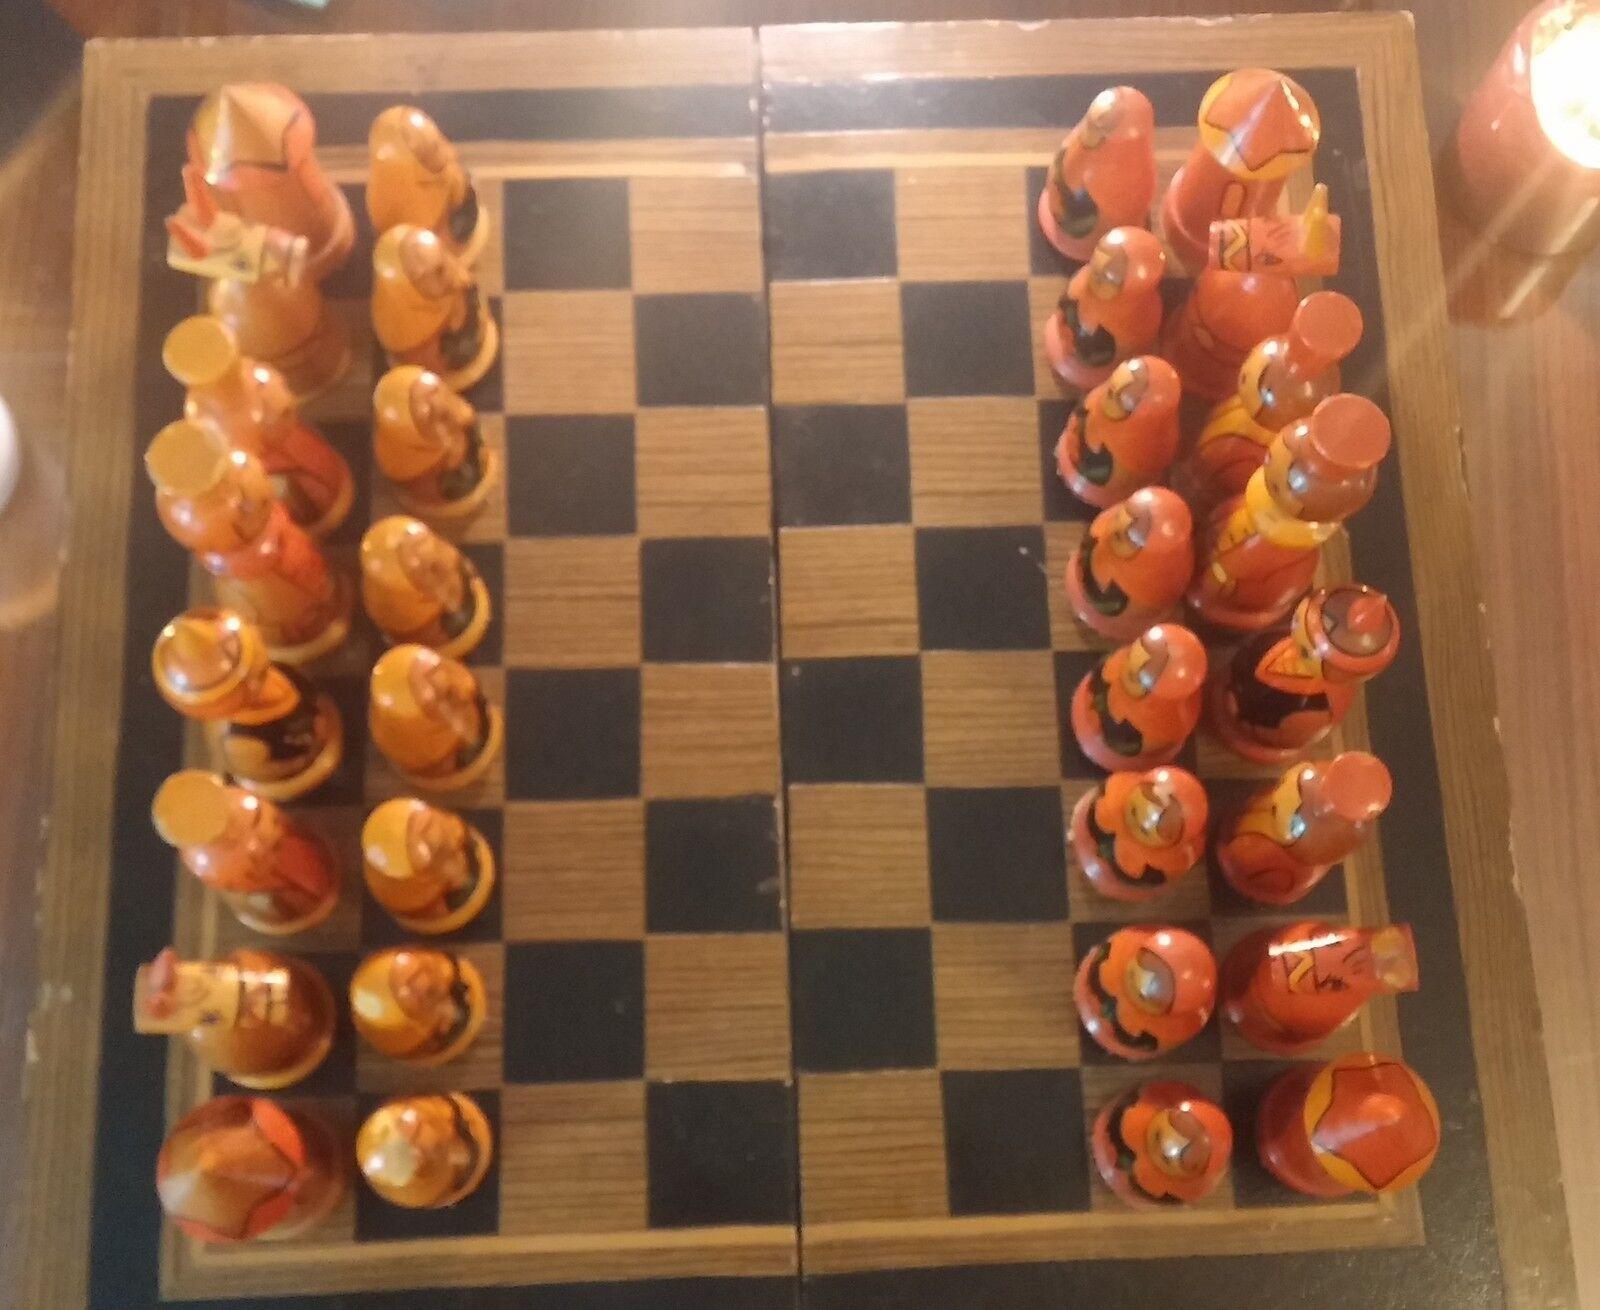 Magnifique jeu d'échecs artisanal russe en bois peint peint peint à la main - Matriochkas 4059ee